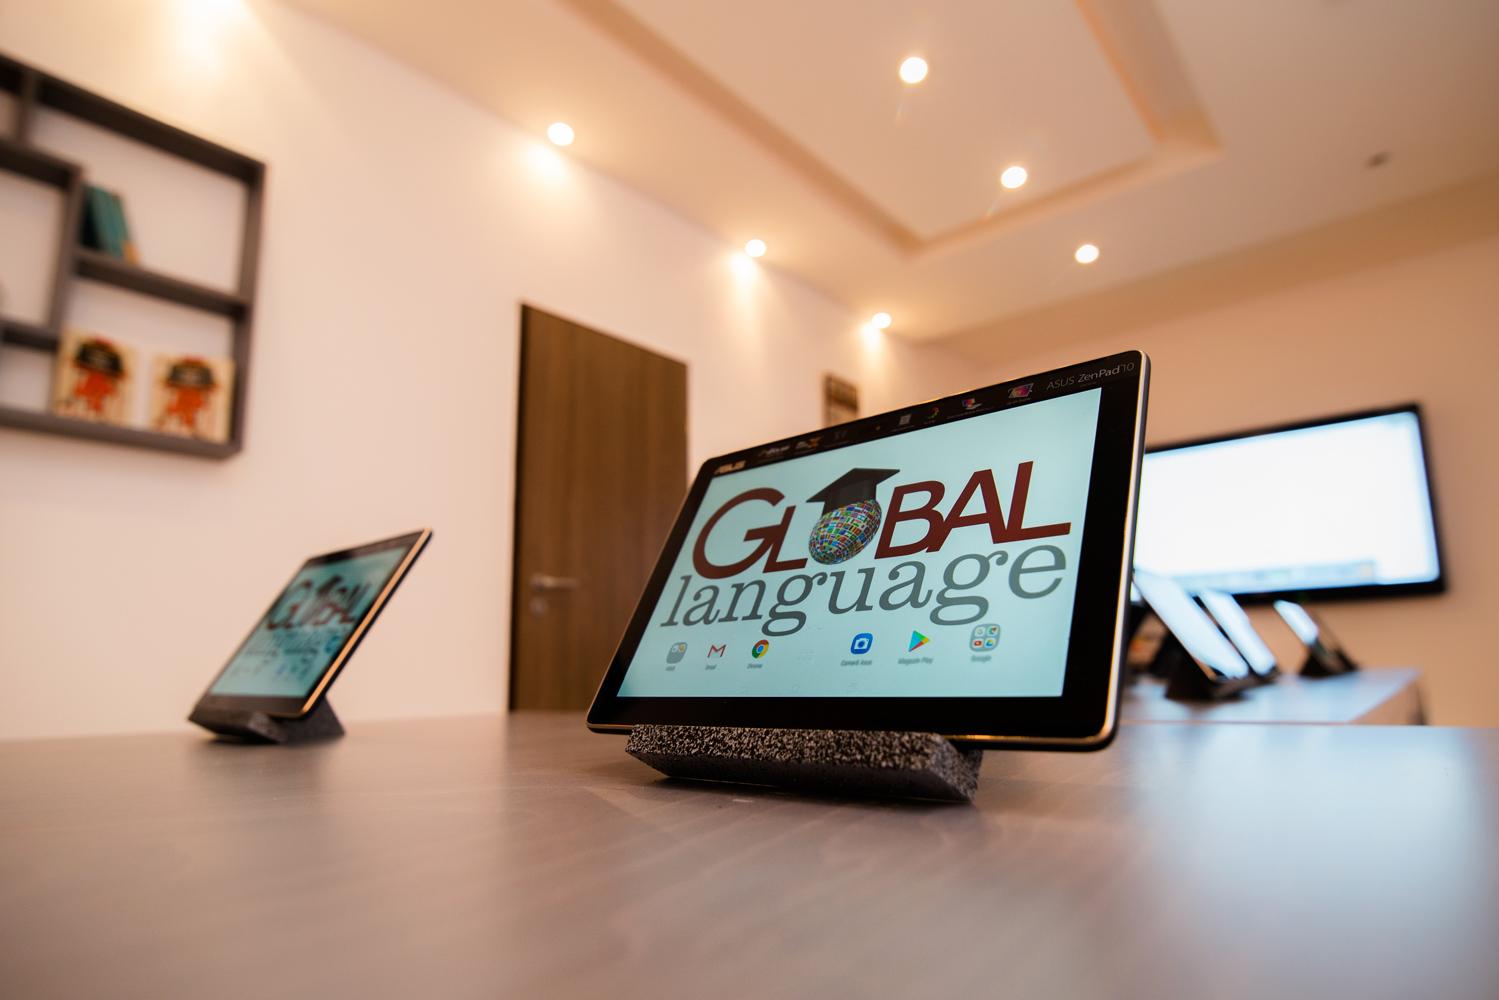 invata limba germana la global language